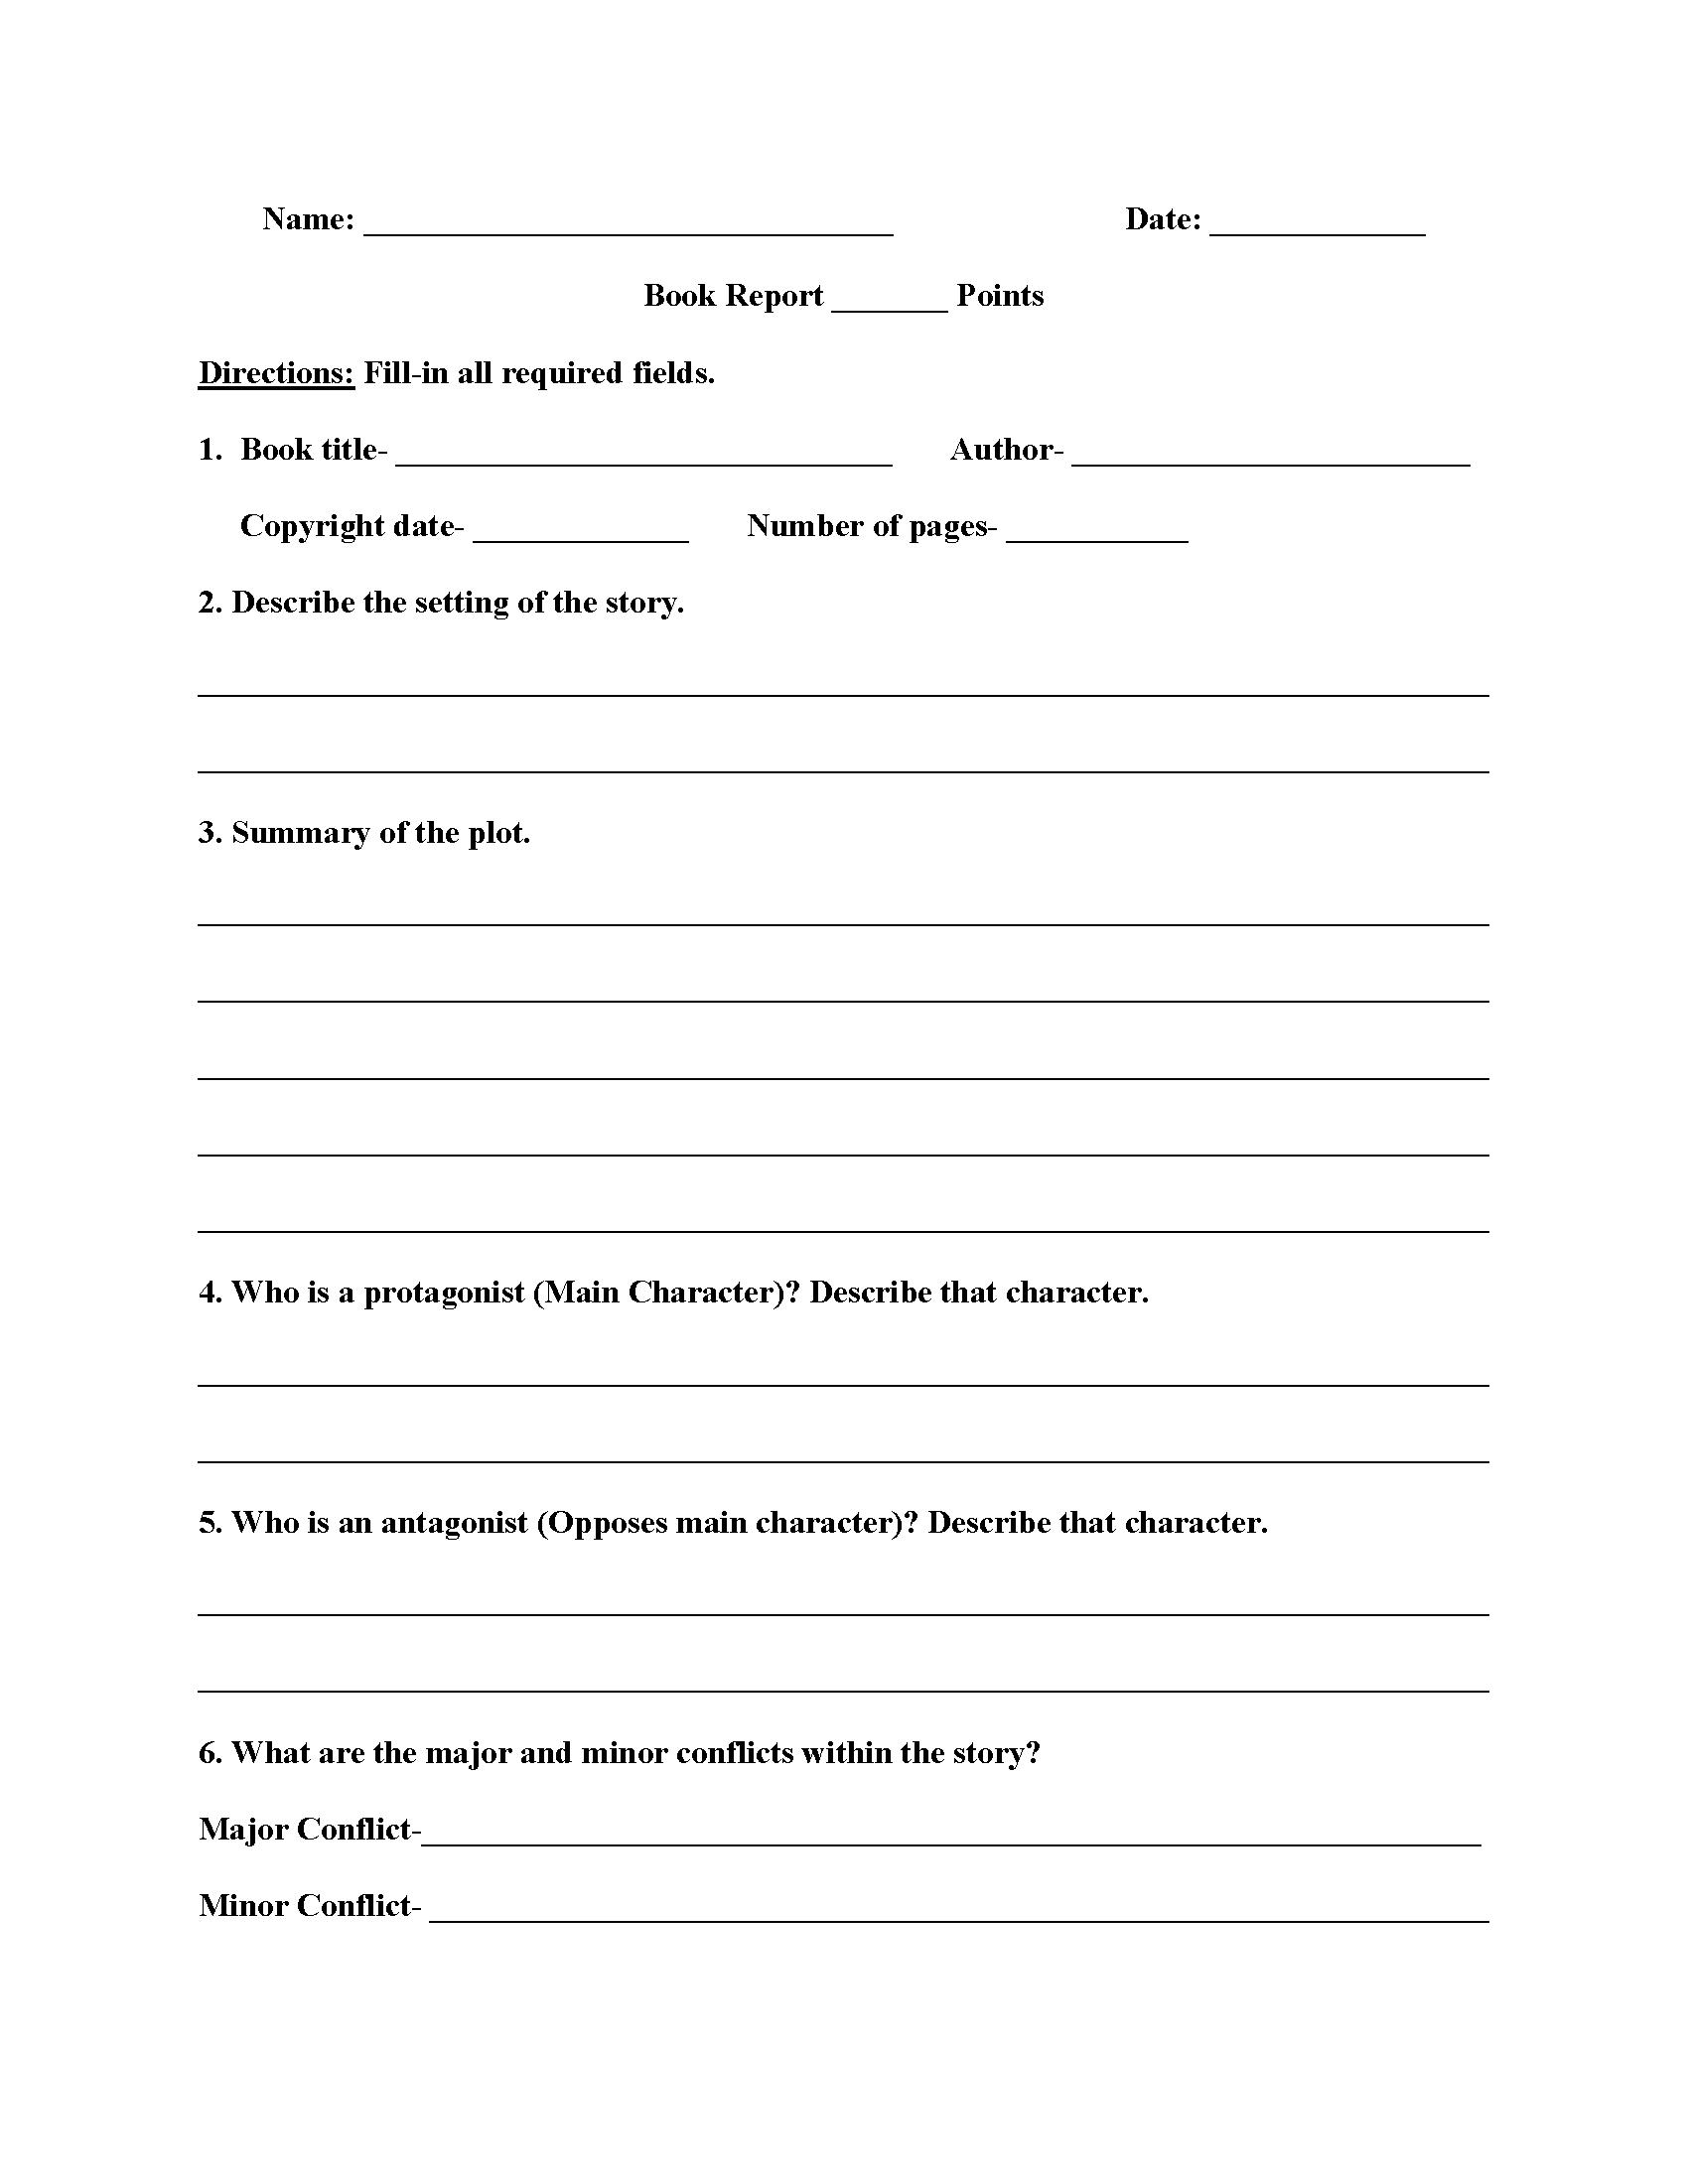 High School Book Report Worksheets   High School Books Throughout High School Book Report Template